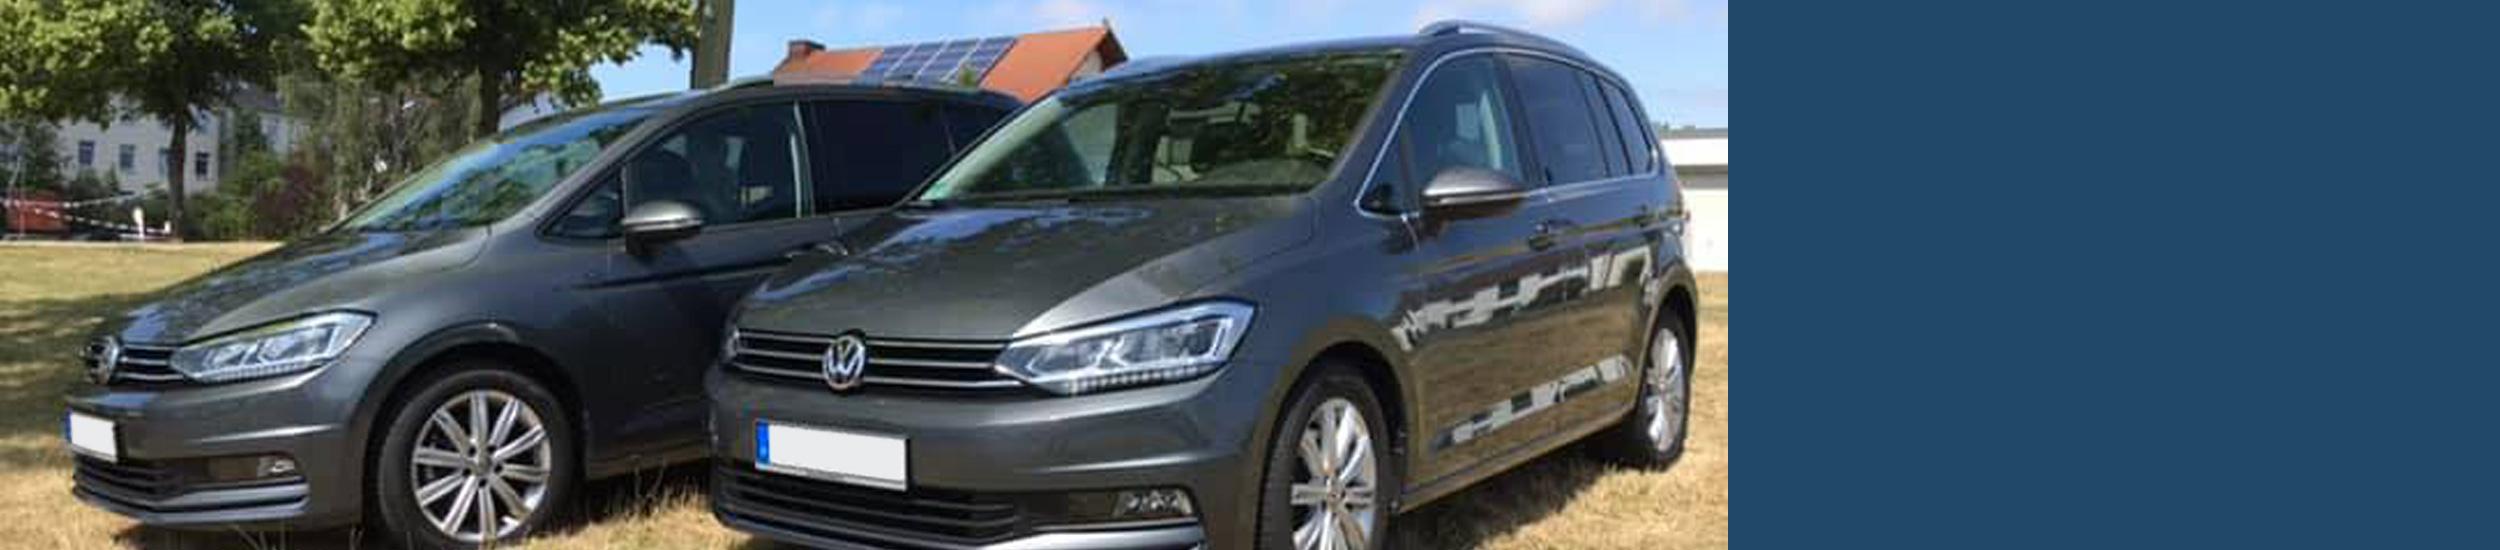 Sparmobile-Ferienspezial-VW-Touran-2019-neu